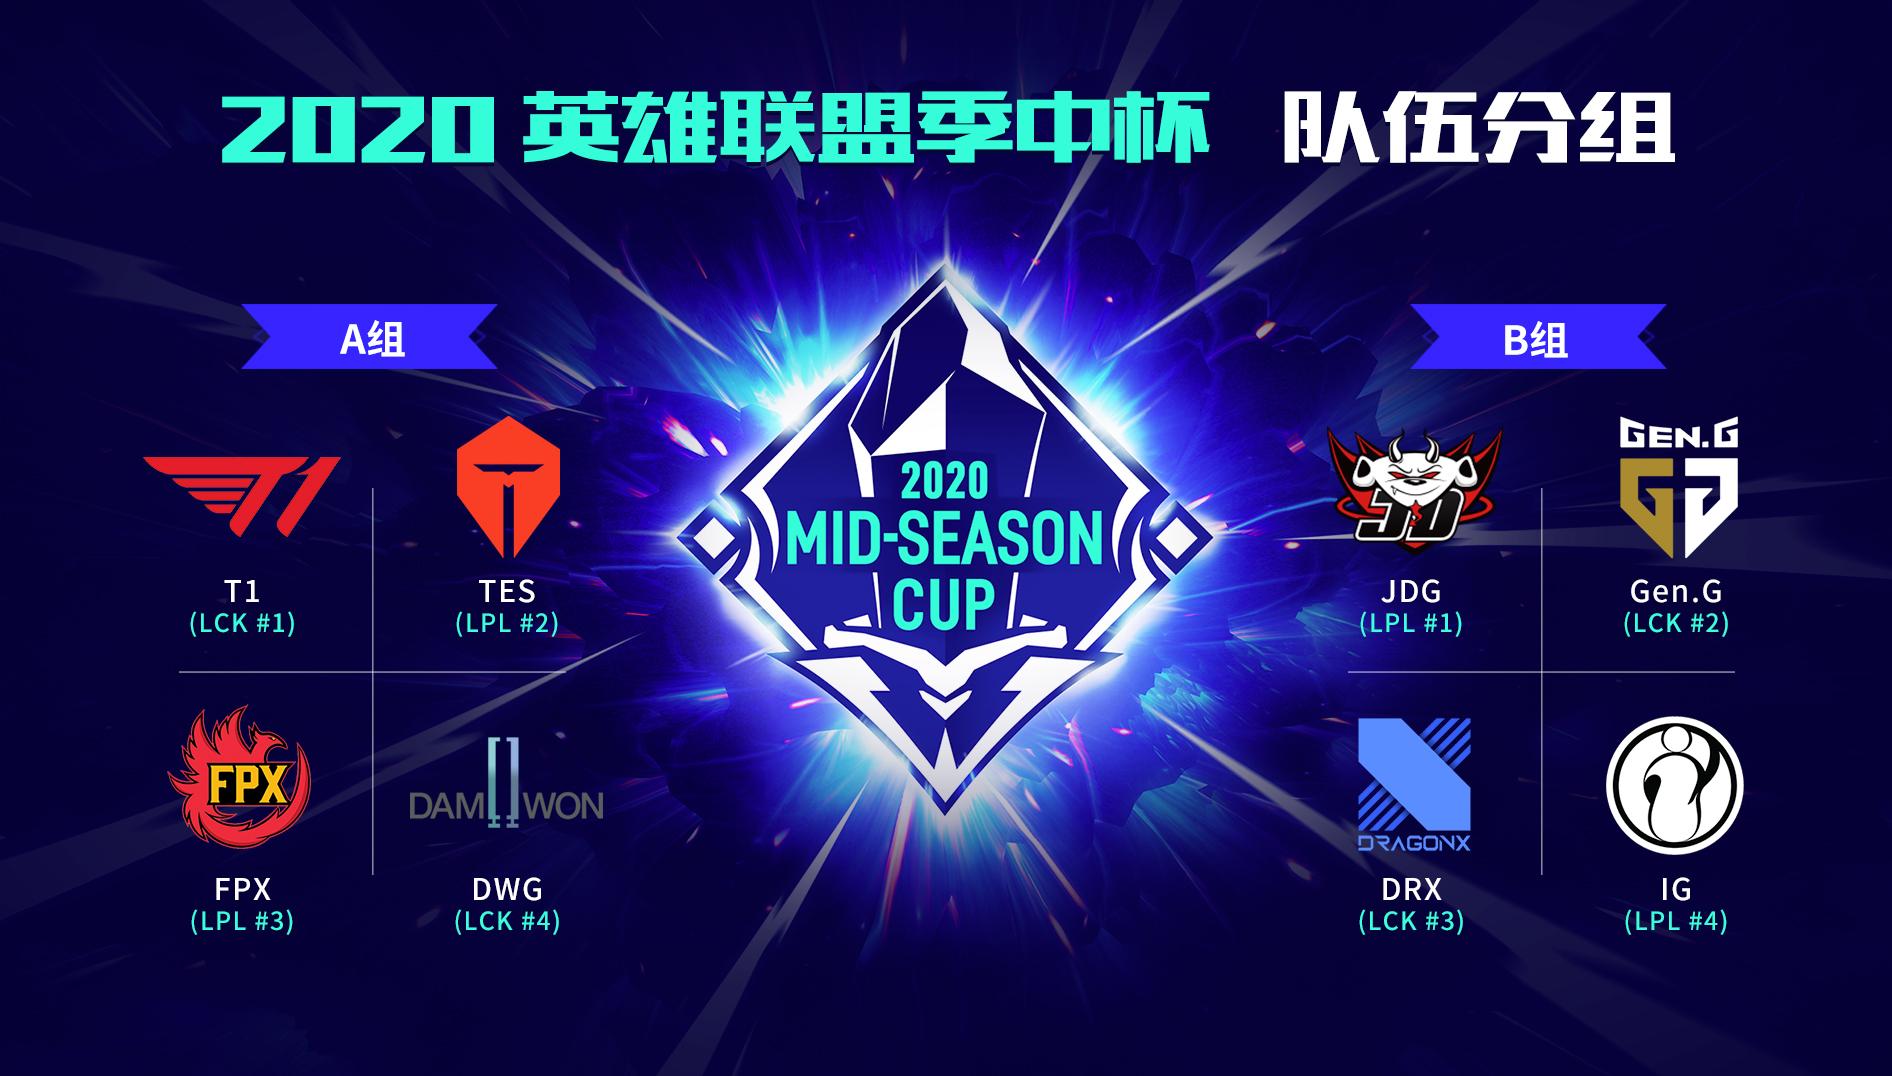 季中杯B组前瞻:新王JDG强势出击 iG能否找回状态